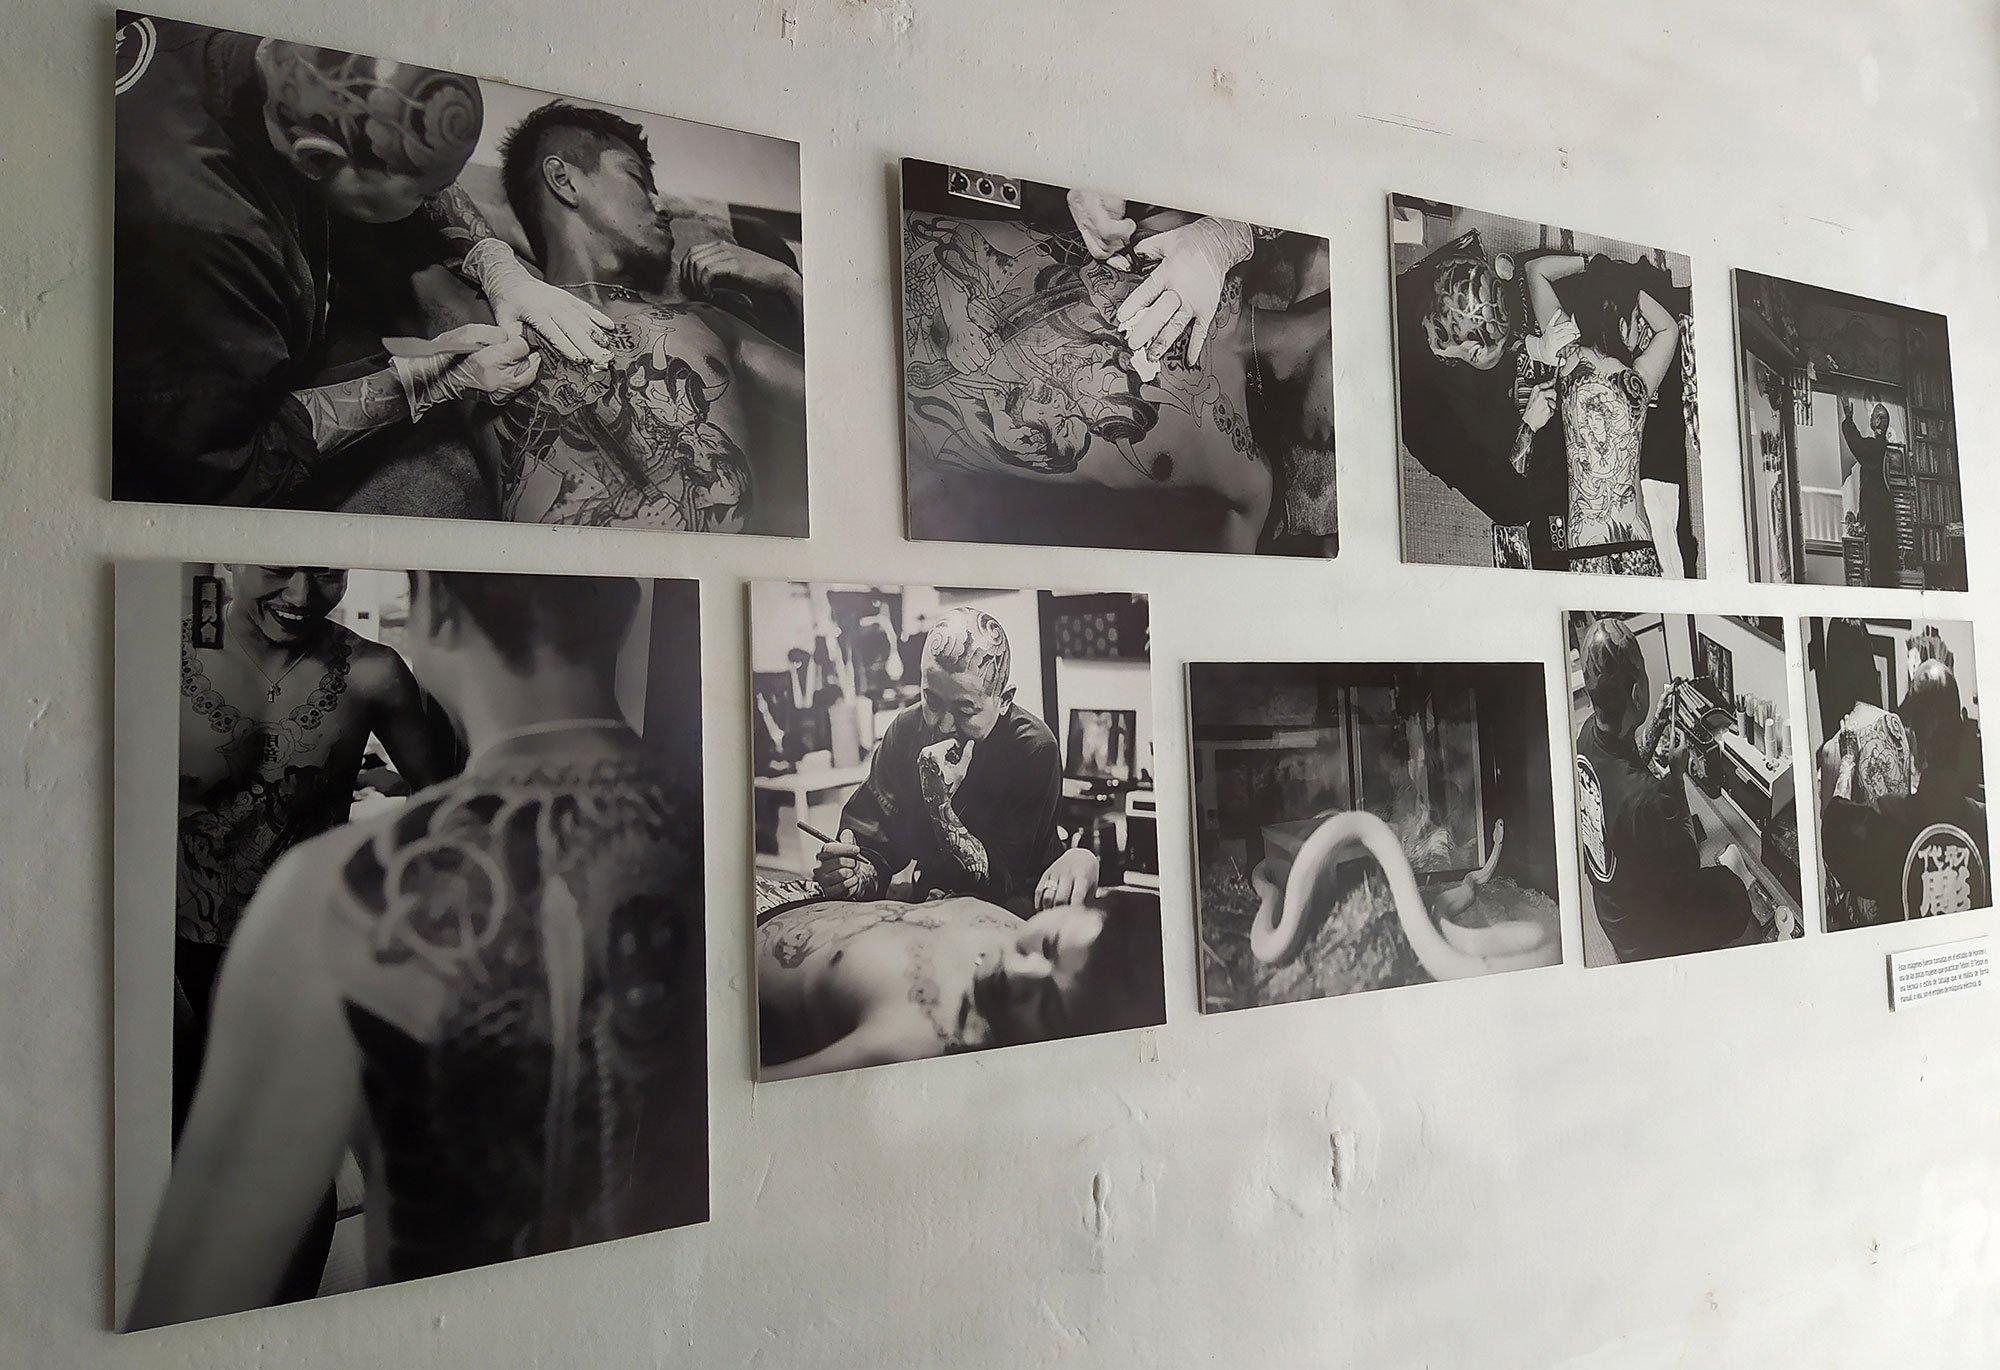 puraguja-exposición-fotográfica-michael-magers-fac